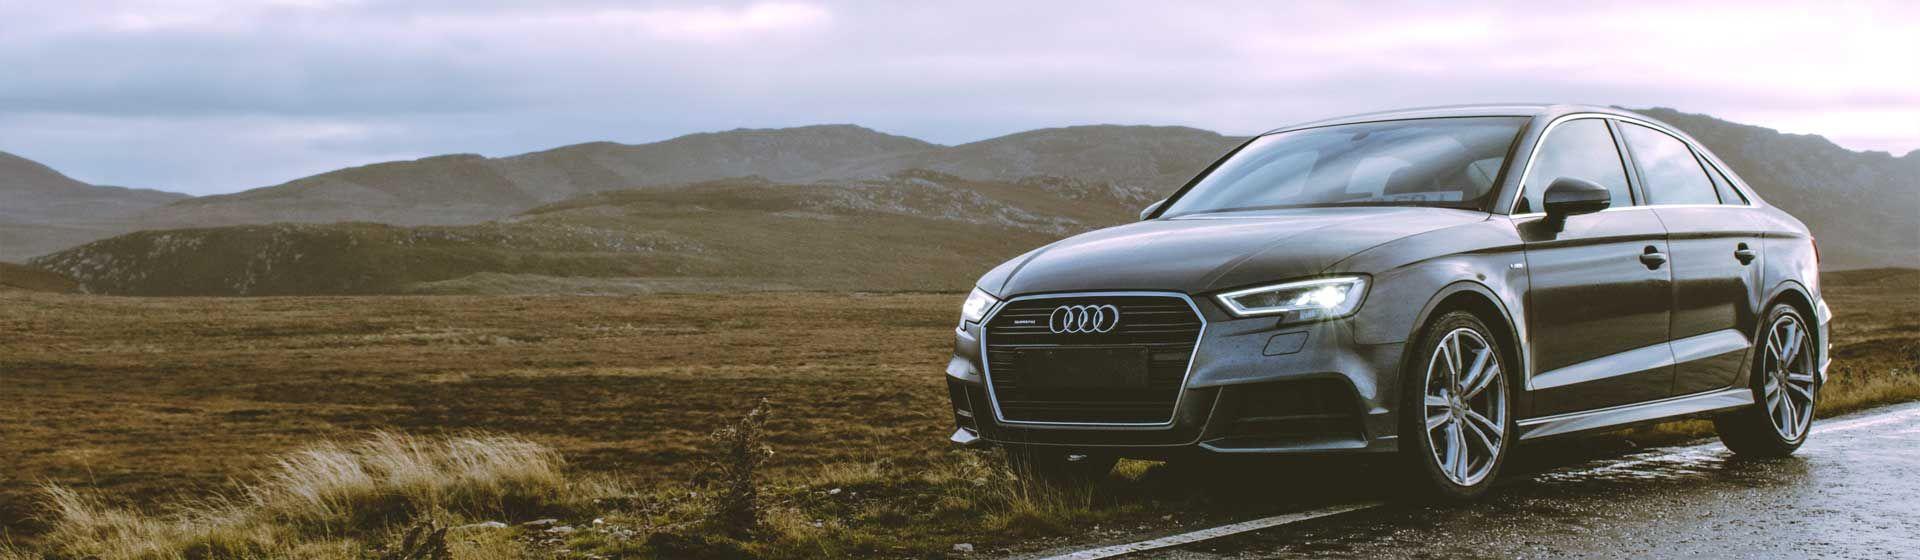 Dieselklage gegen Audi